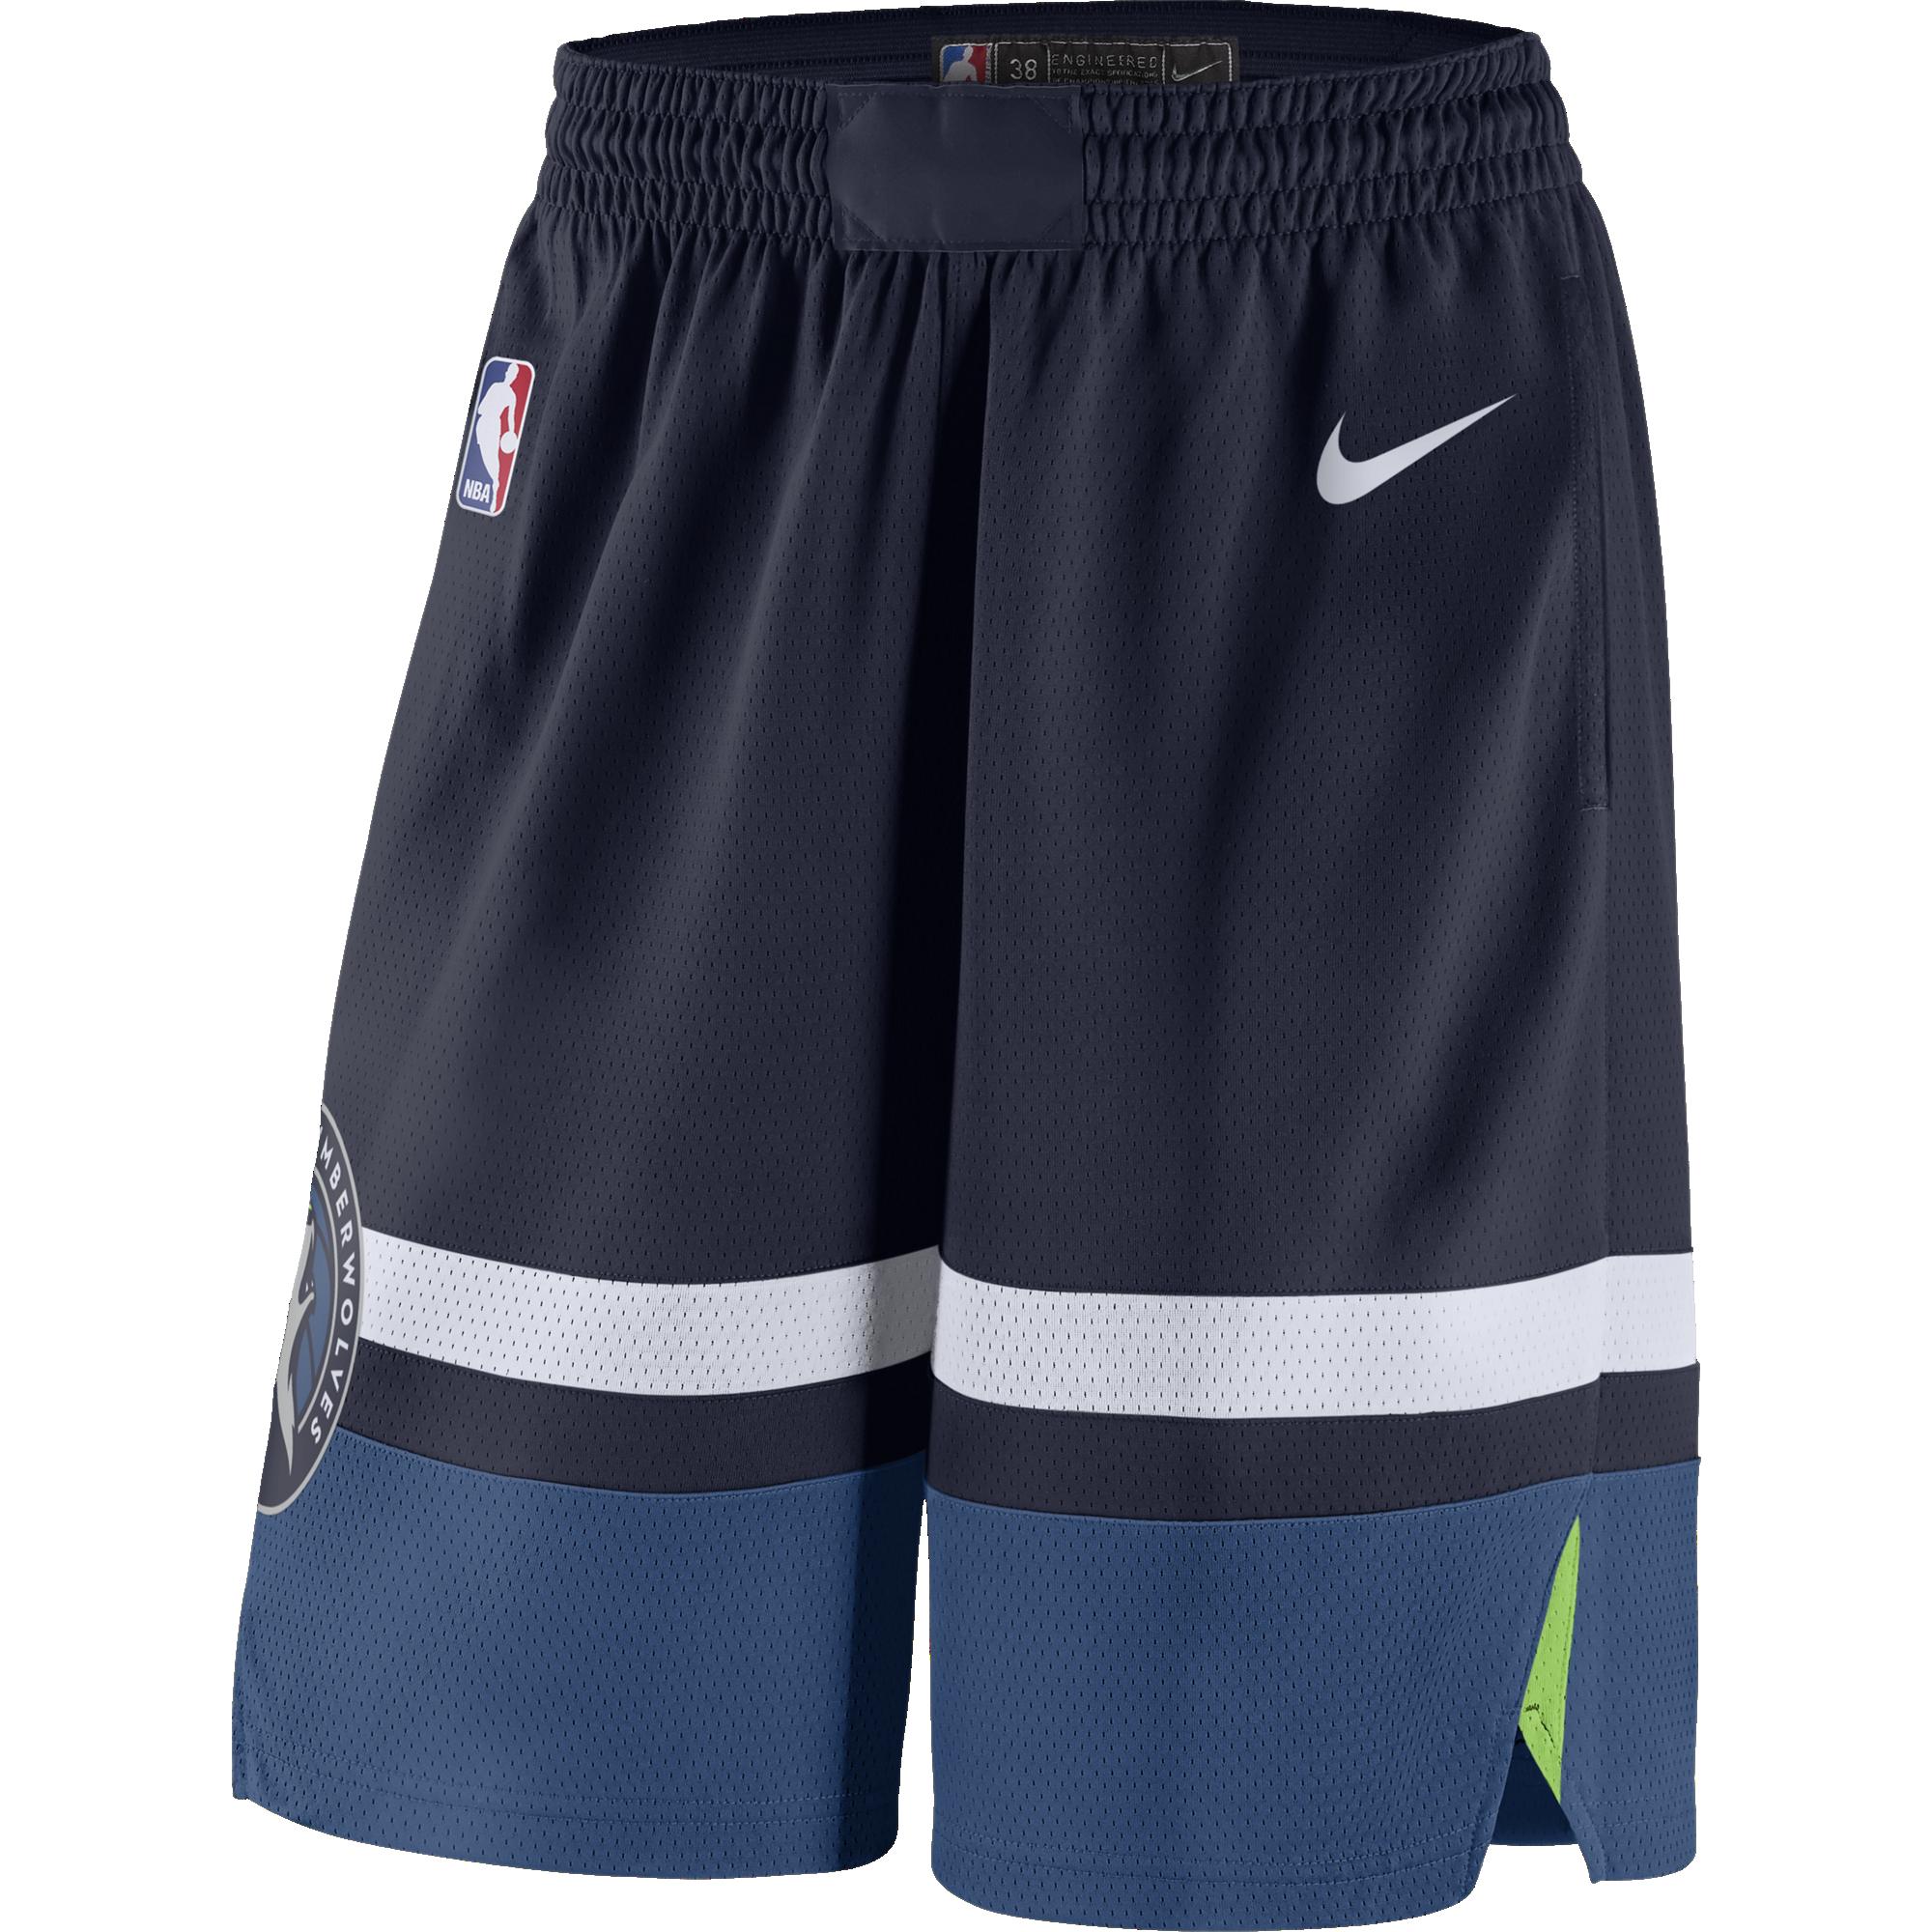 size 40 93b57 6e7cb NIKE NBA MINNESOTA TIMBERWOLVES SWINGMAN ROAD SHORTS for ...